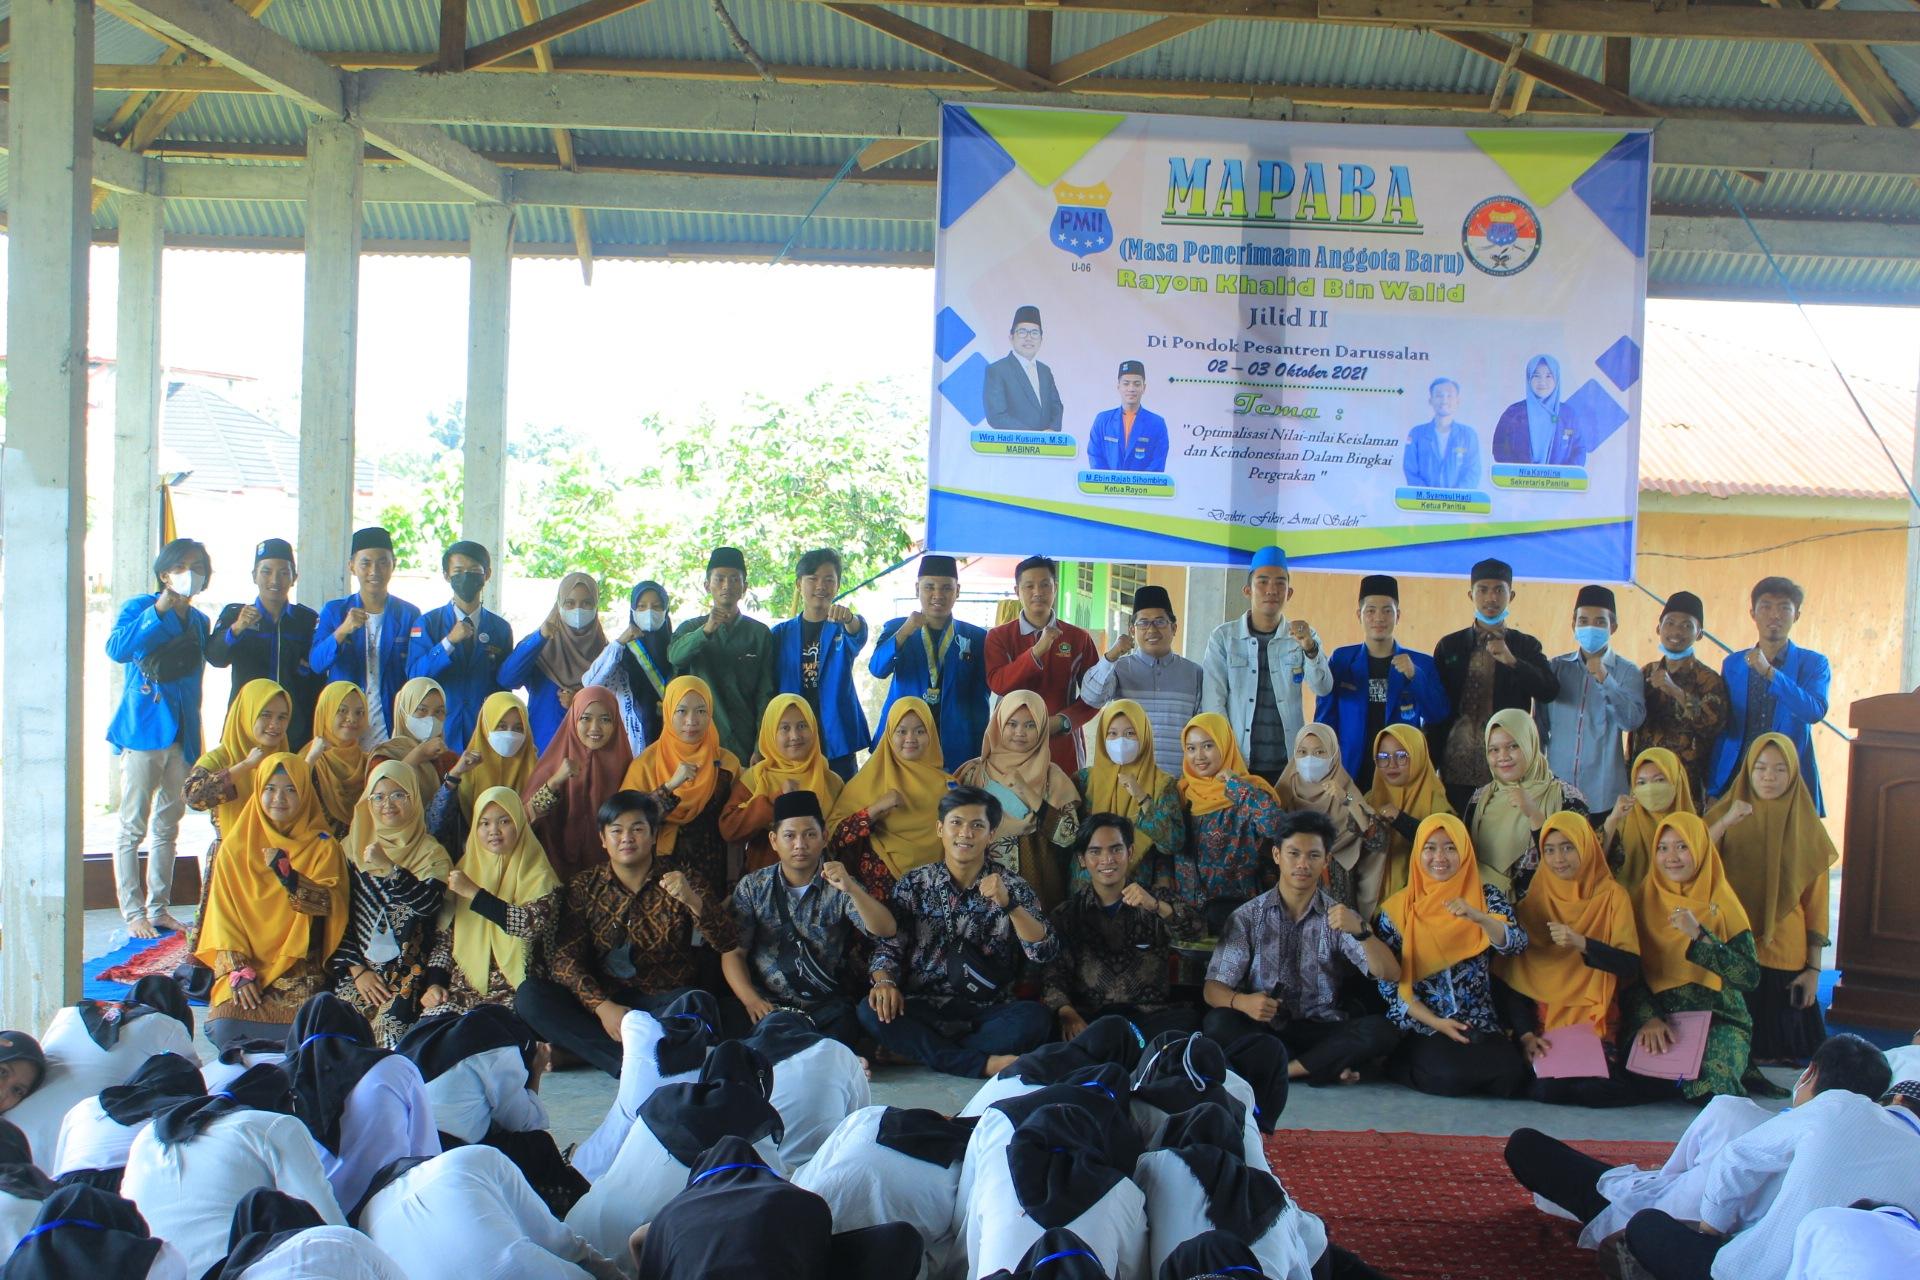 Photo of Siapkan Intelektual Pergerkan, PMII Rayon Khalid Bin Walid Adakan Mapaba